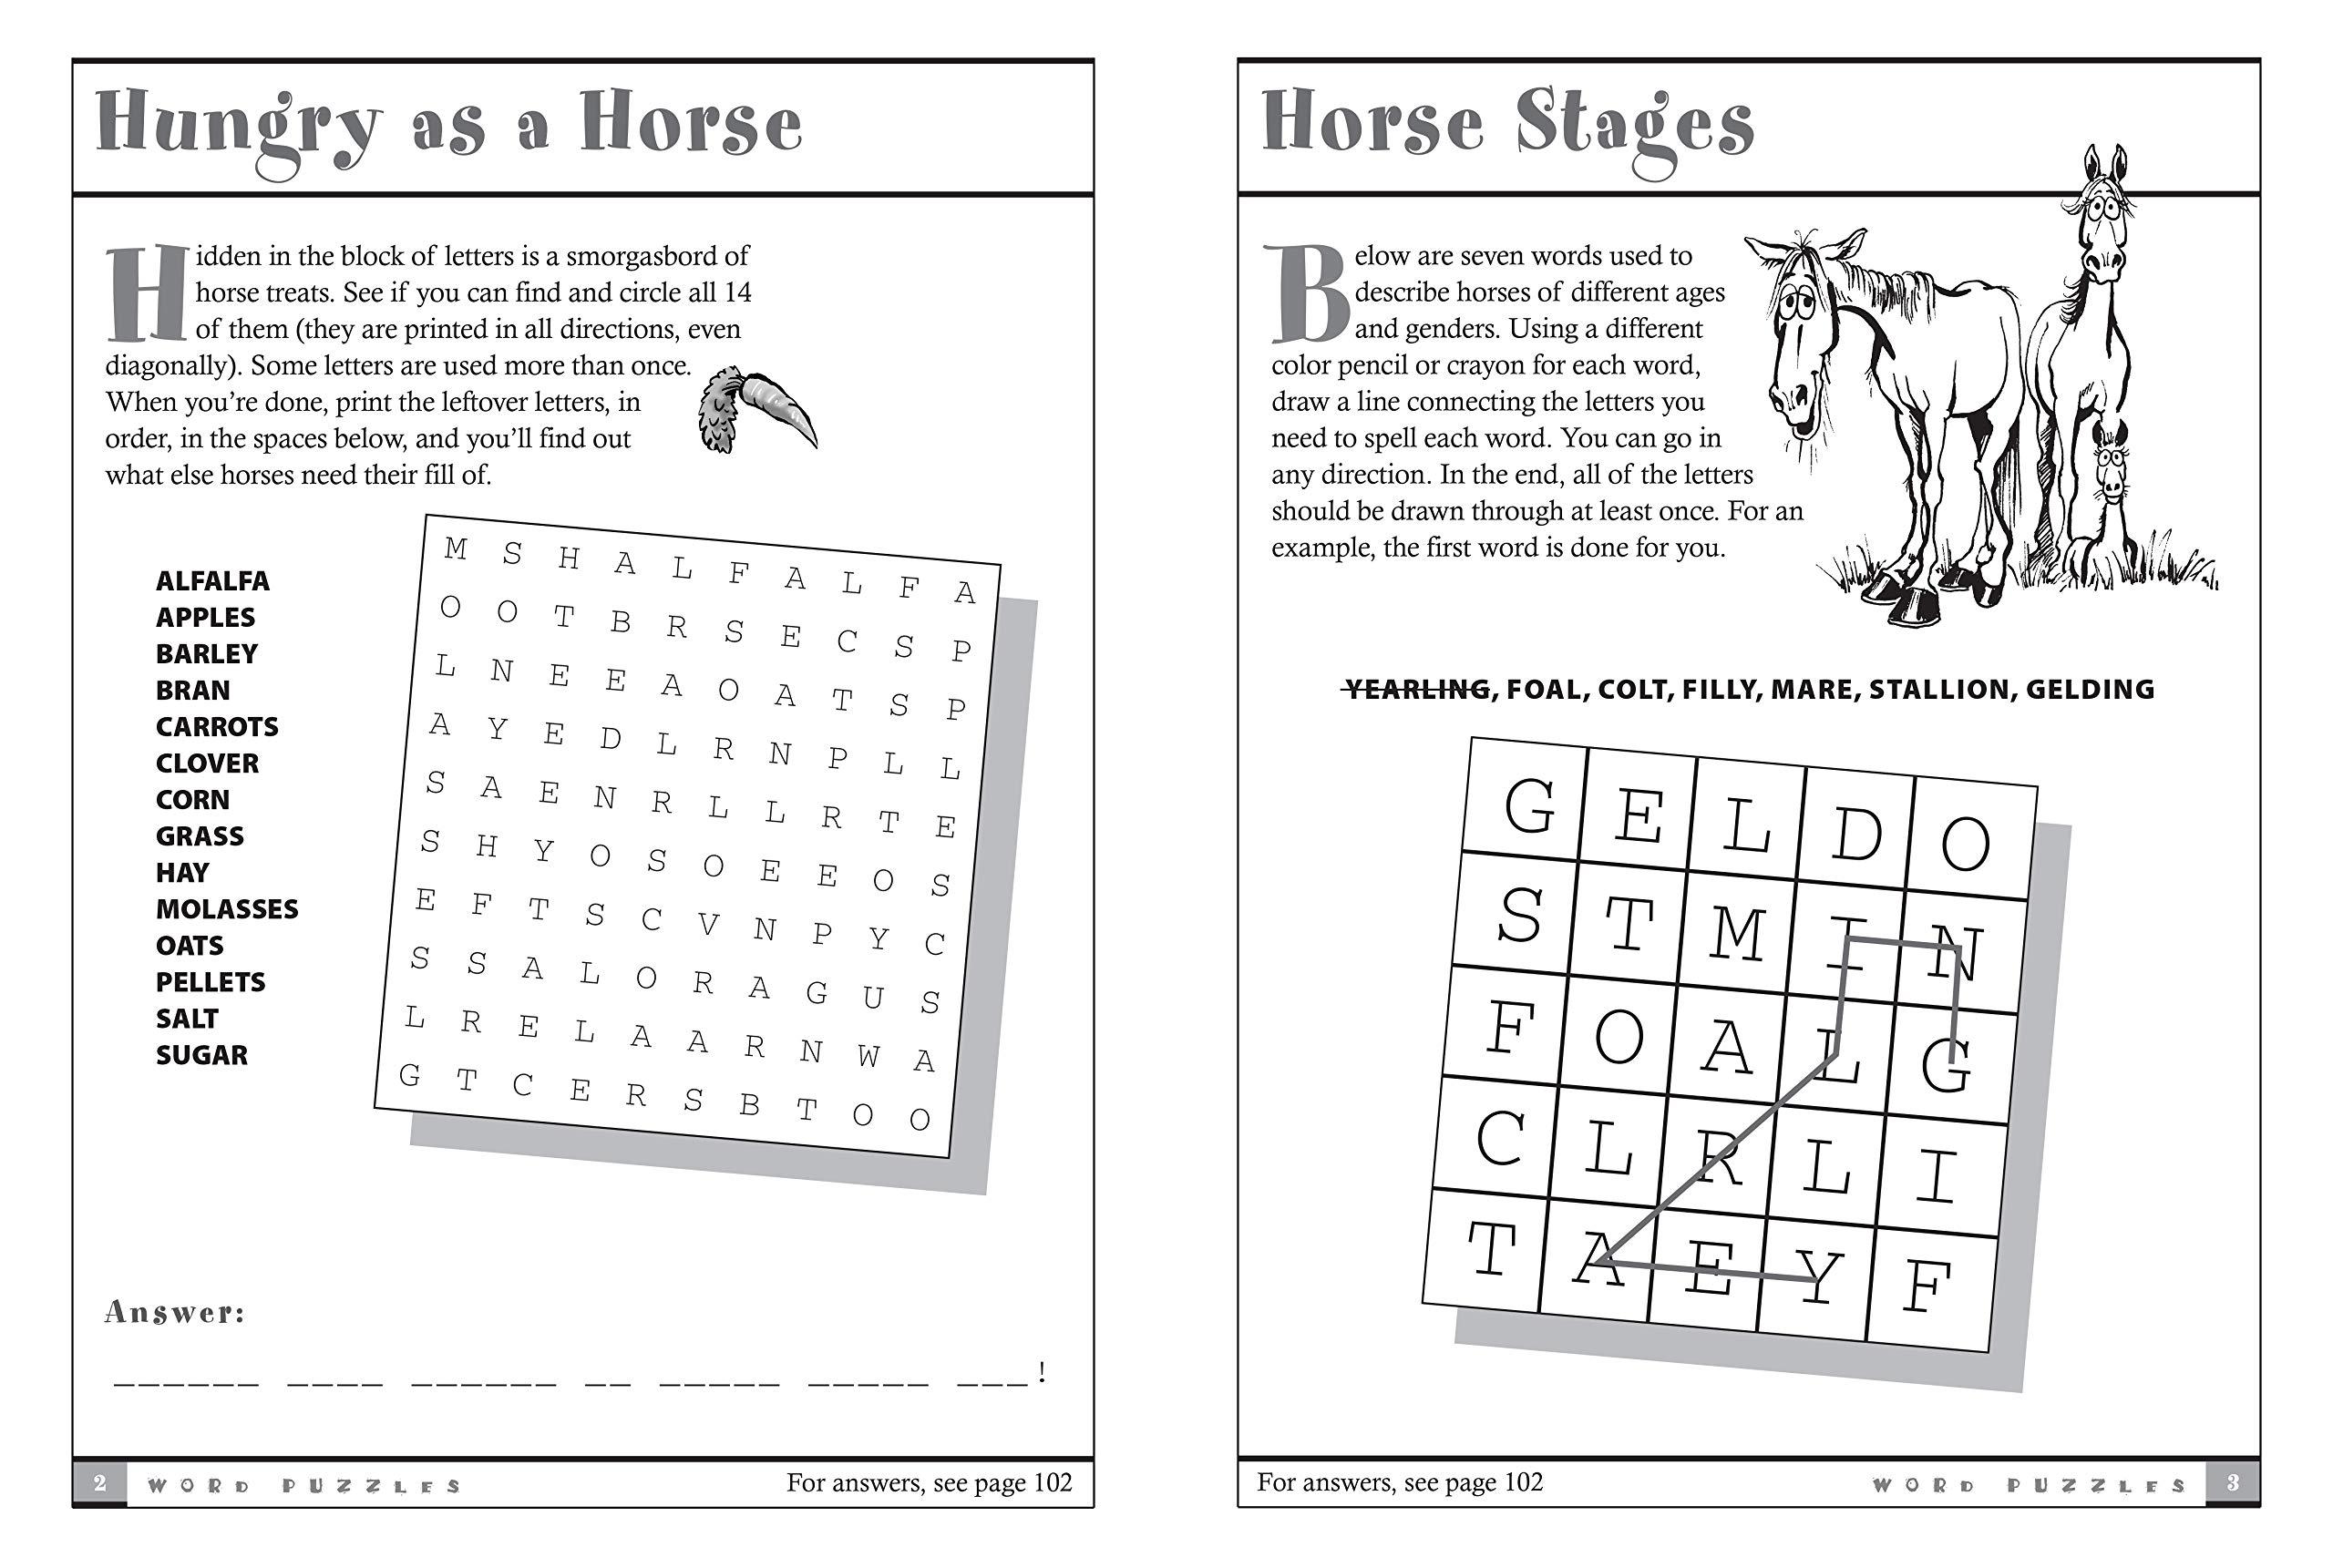 Corn Recipe Crossword Puzzle Clue Dandk Organizer